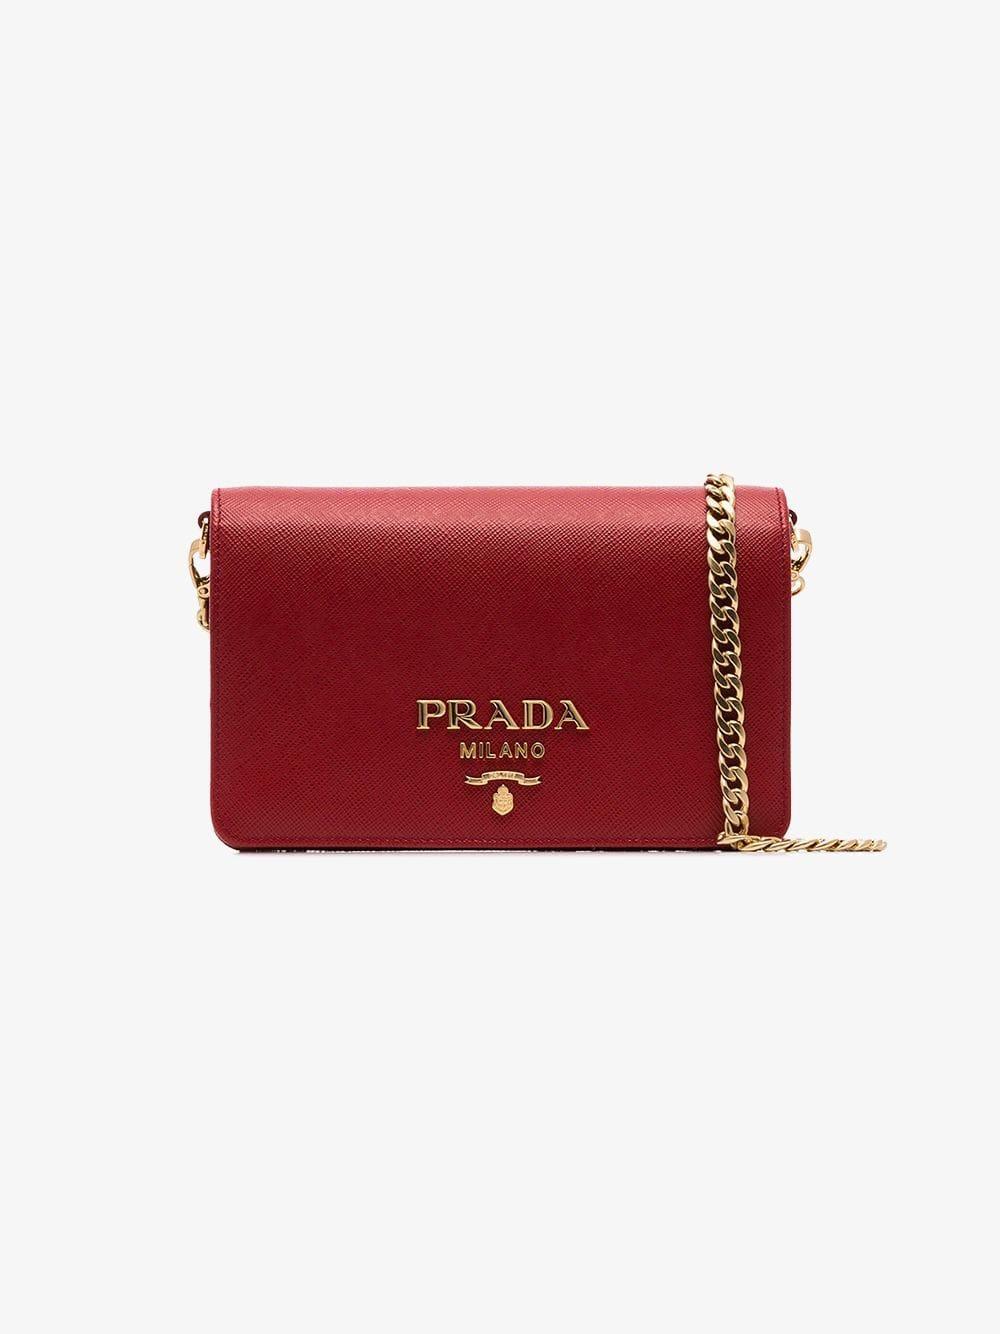 04b4df6bbd5c Prada - Red Saffiano Leather Shoulder Bag - Lyst. View fullscreen